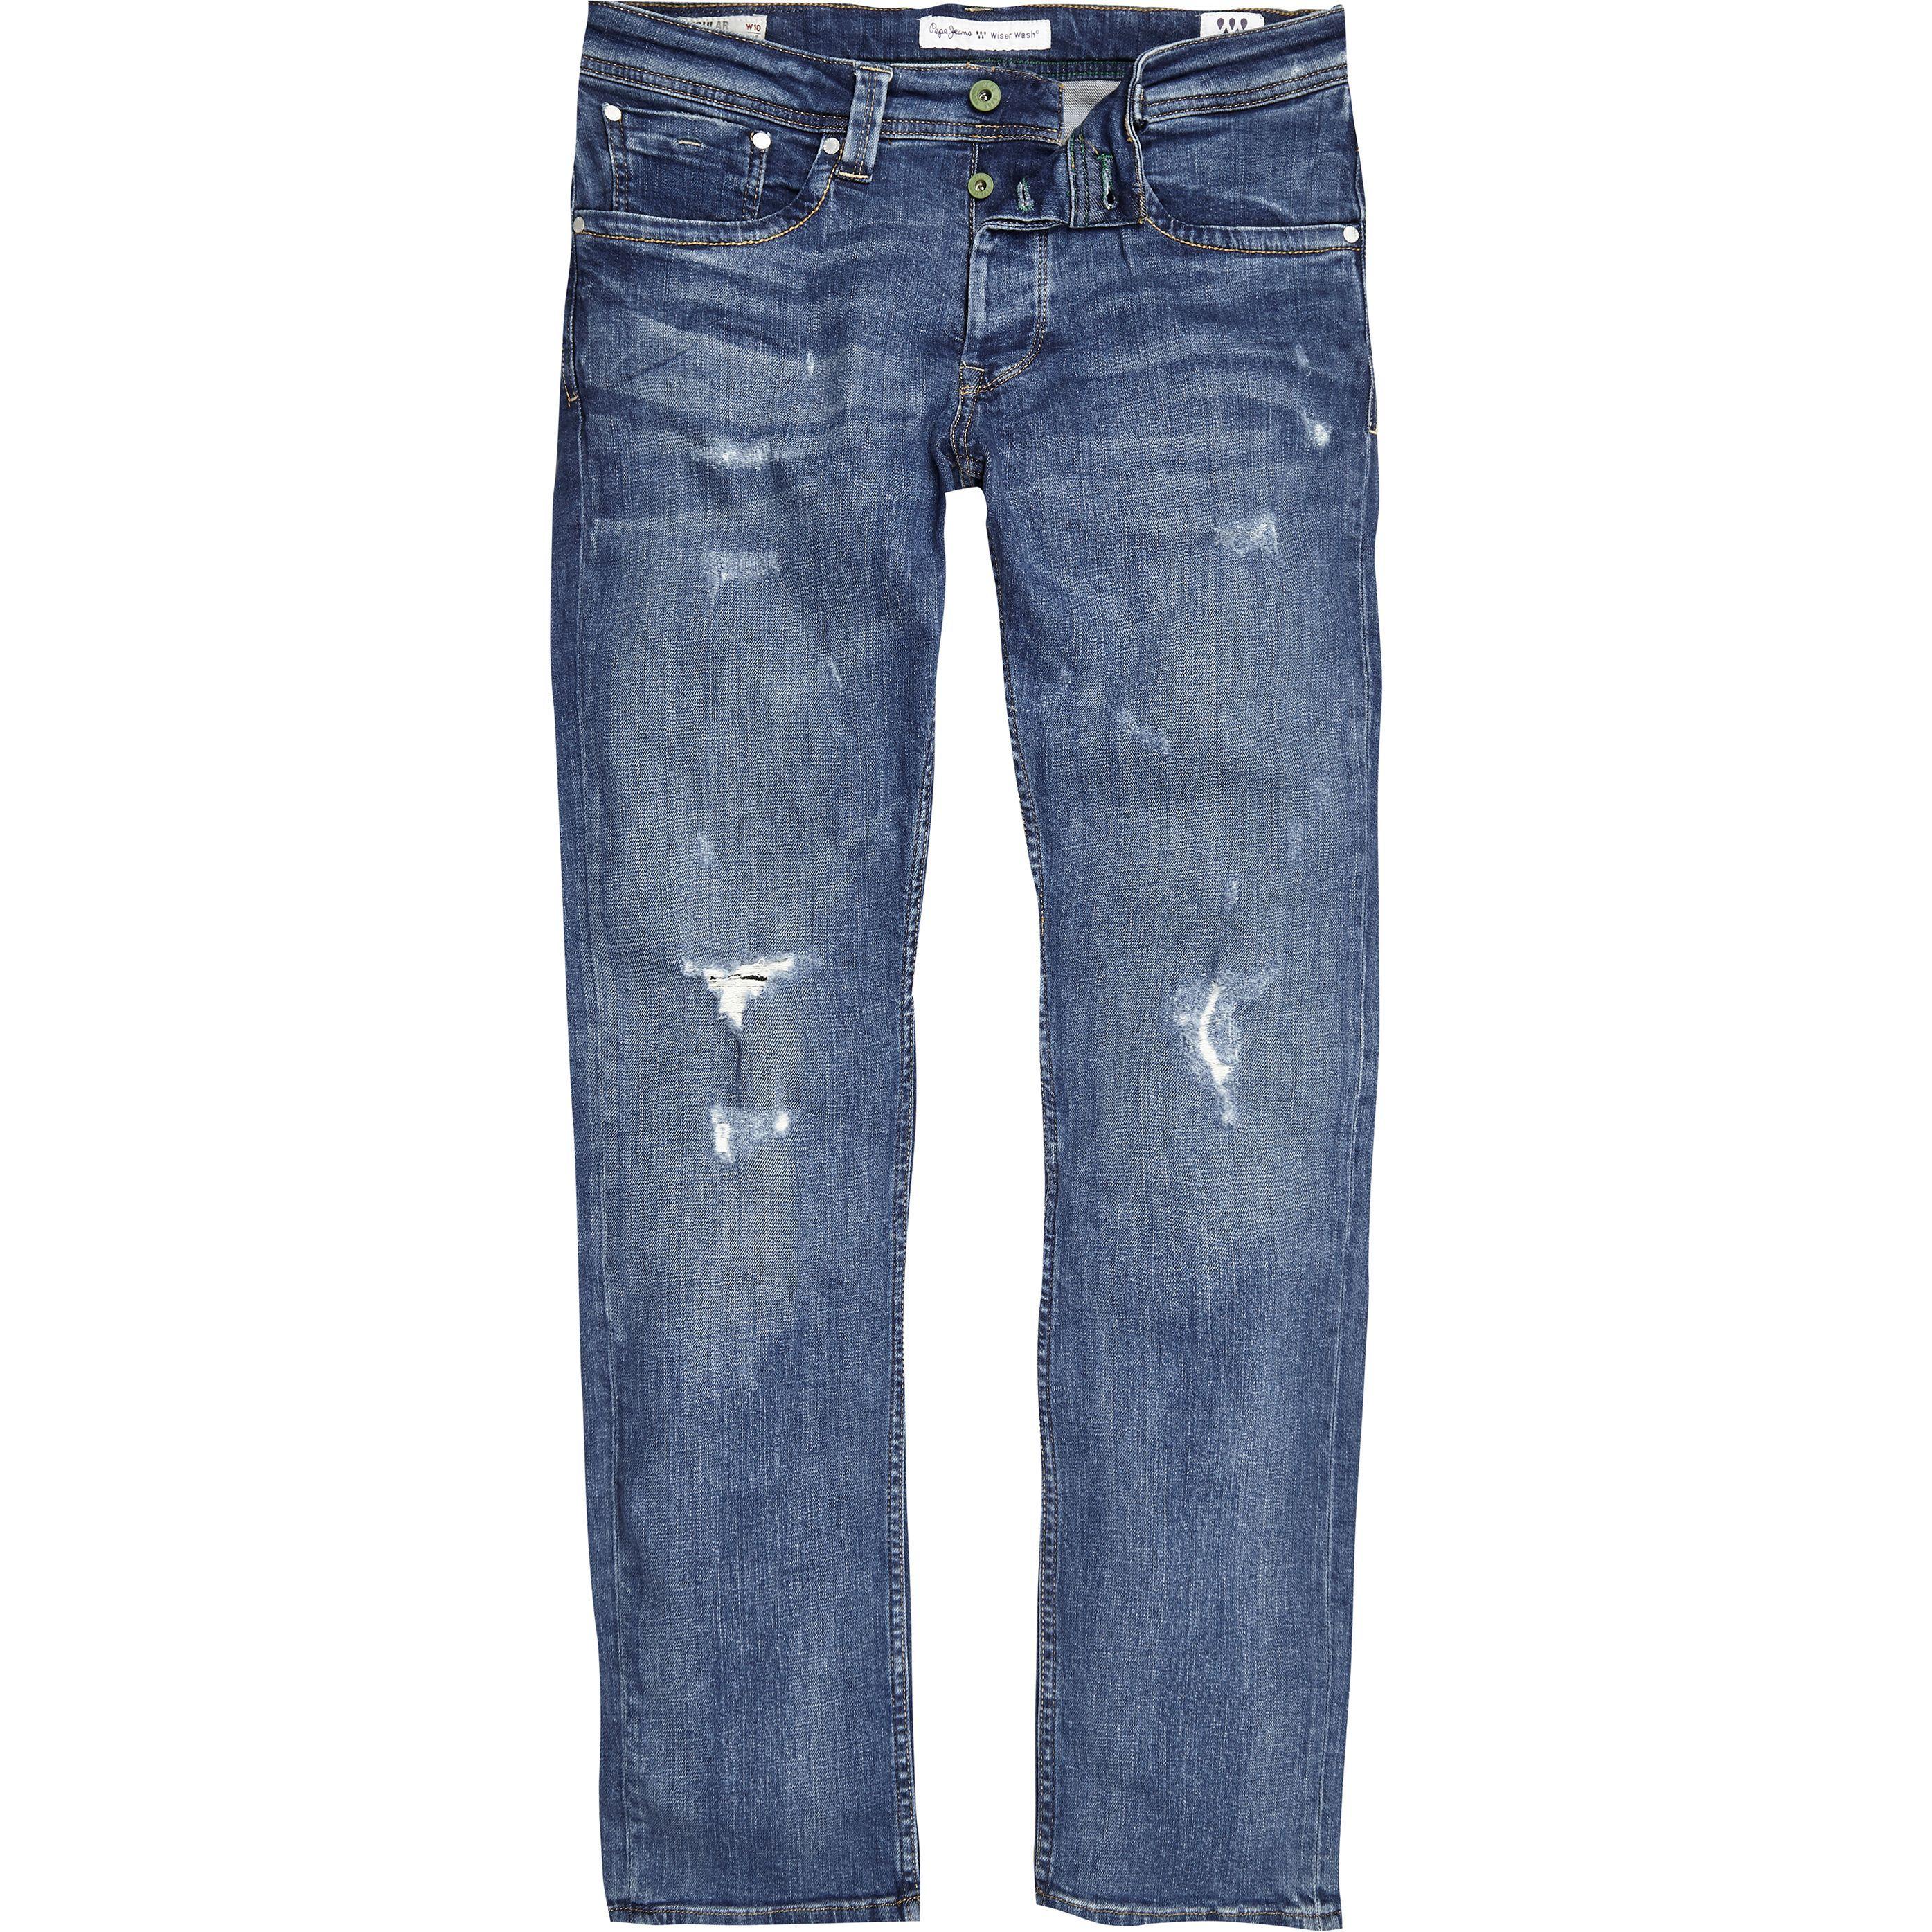 beste Qualität für 100% Zufriedenheit kosten charm Pepe Jeans blue Cash ripped jeans in 2019 | Products | Pepe ...